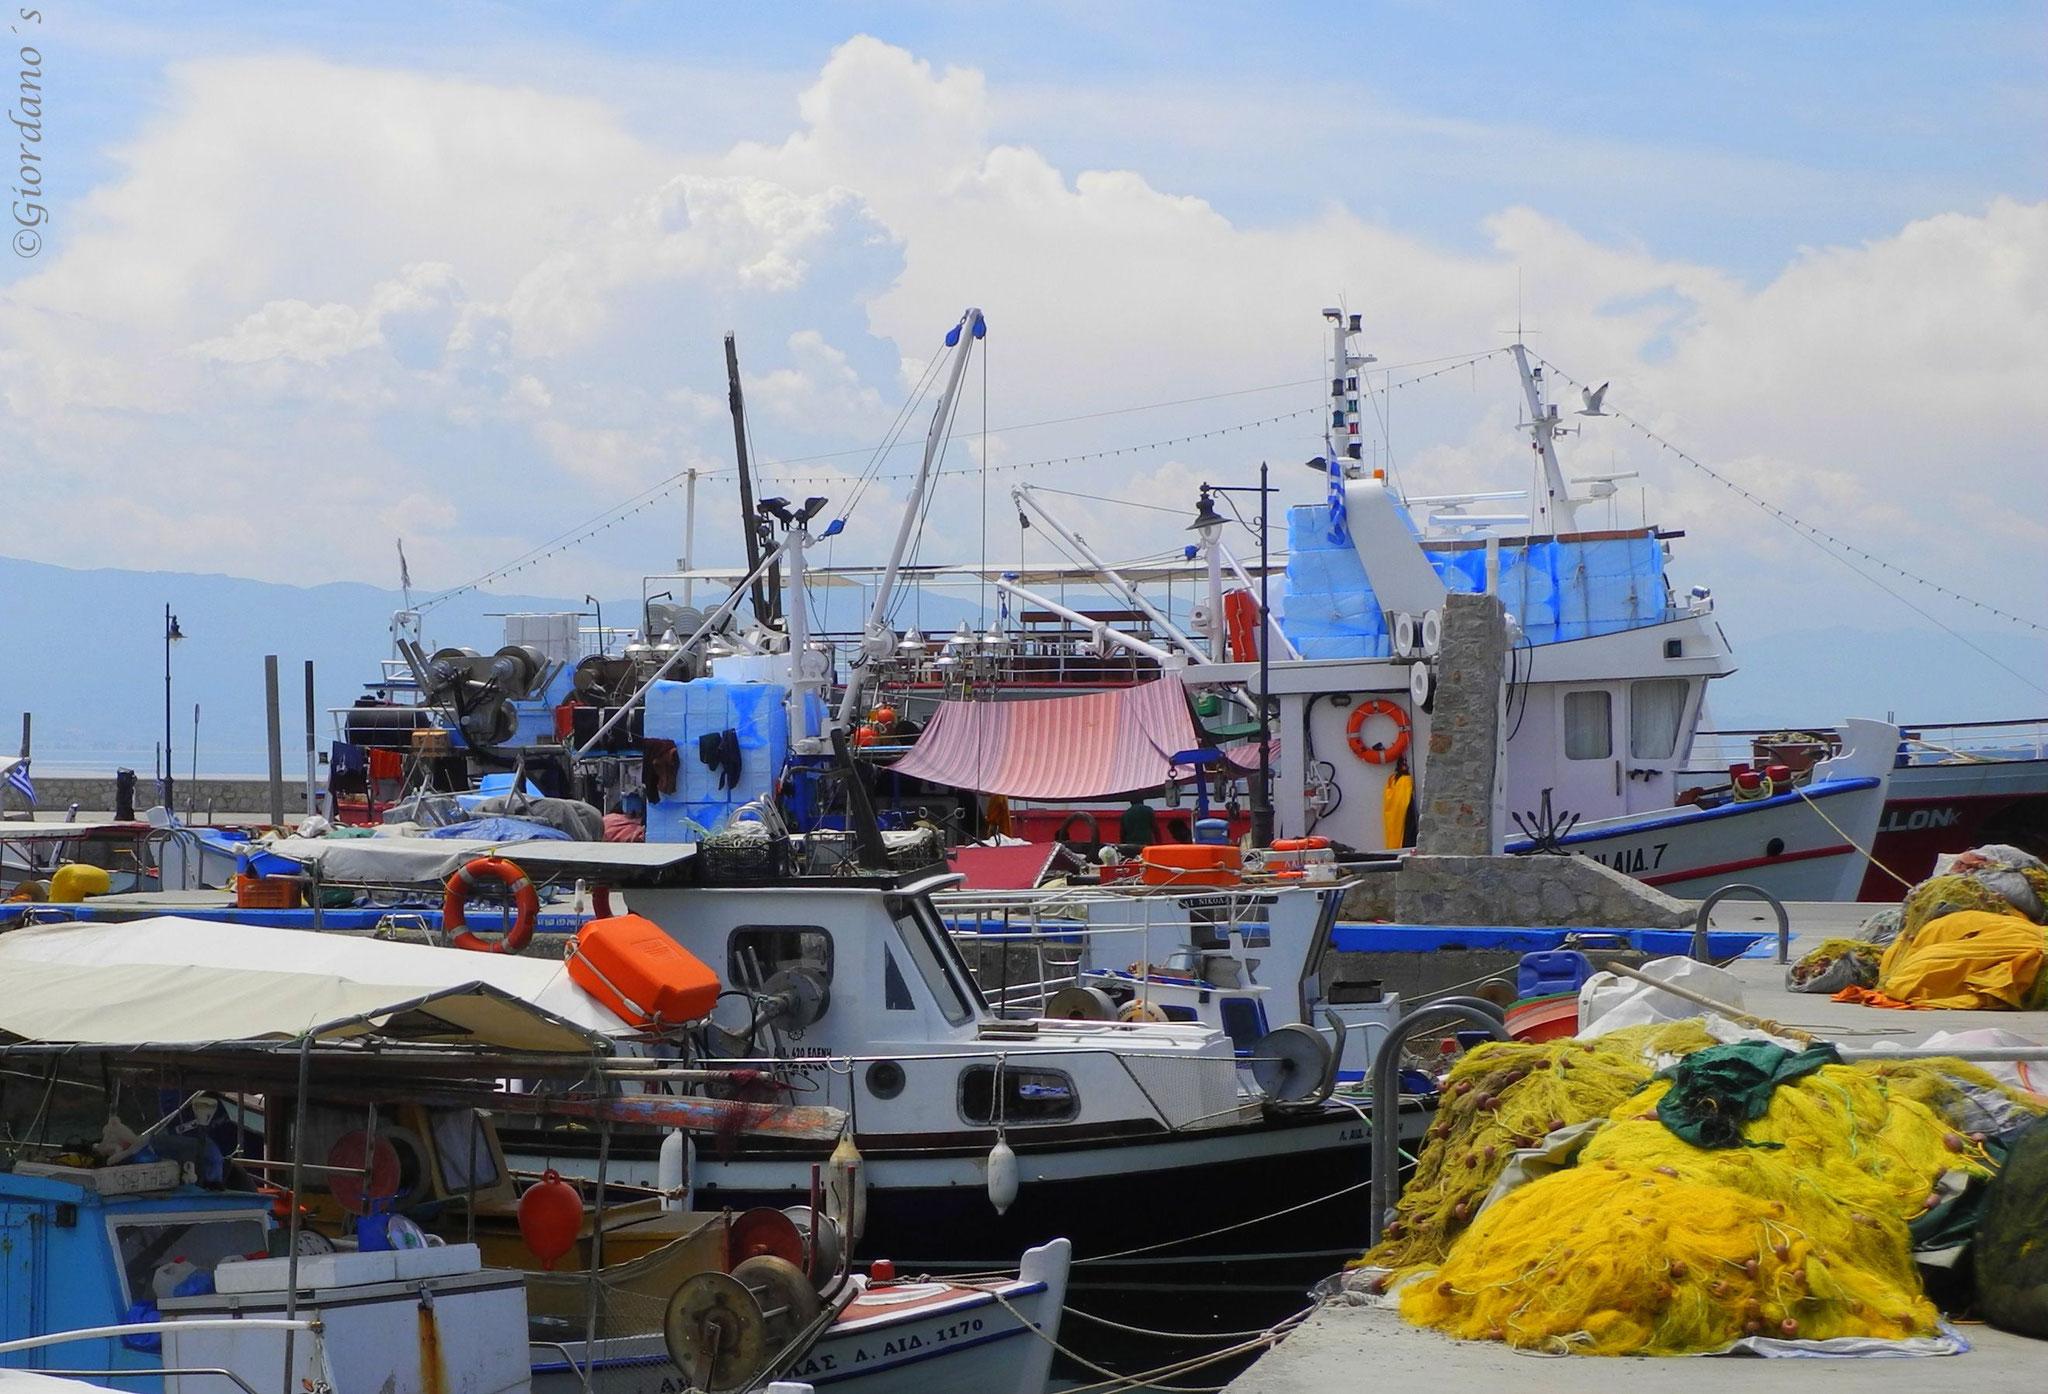 Farbenfroher Fischerhafen in Loutra Edipsou